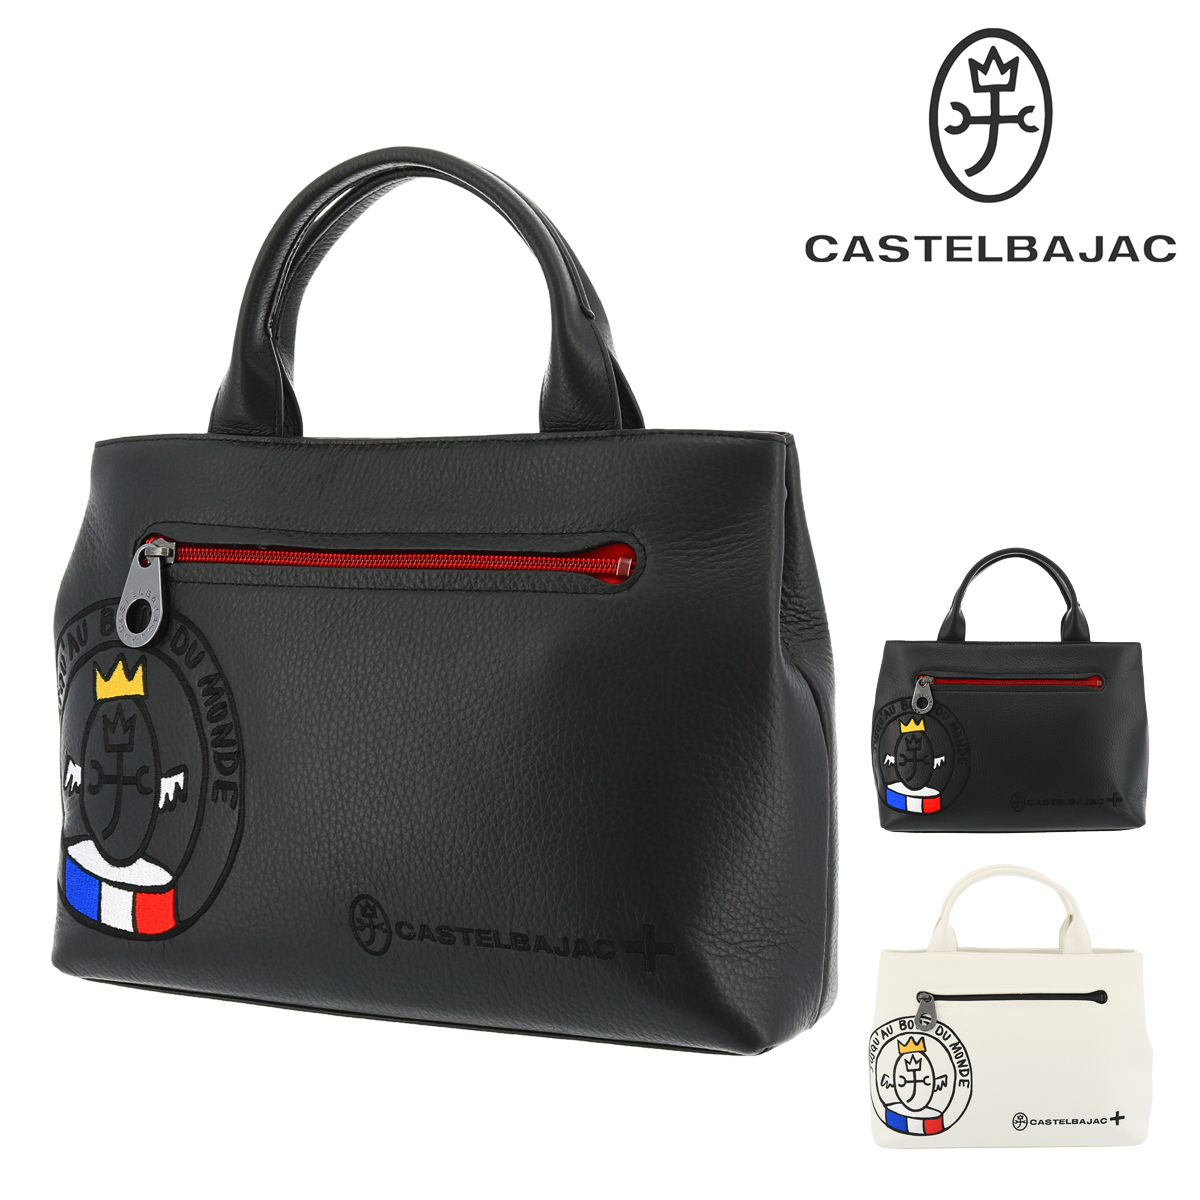 カステルバジャック トートバッグ リンク メンズ 30511 CASTELBAJAC | ドライビングトート 軽量 牛革 本革 レザー